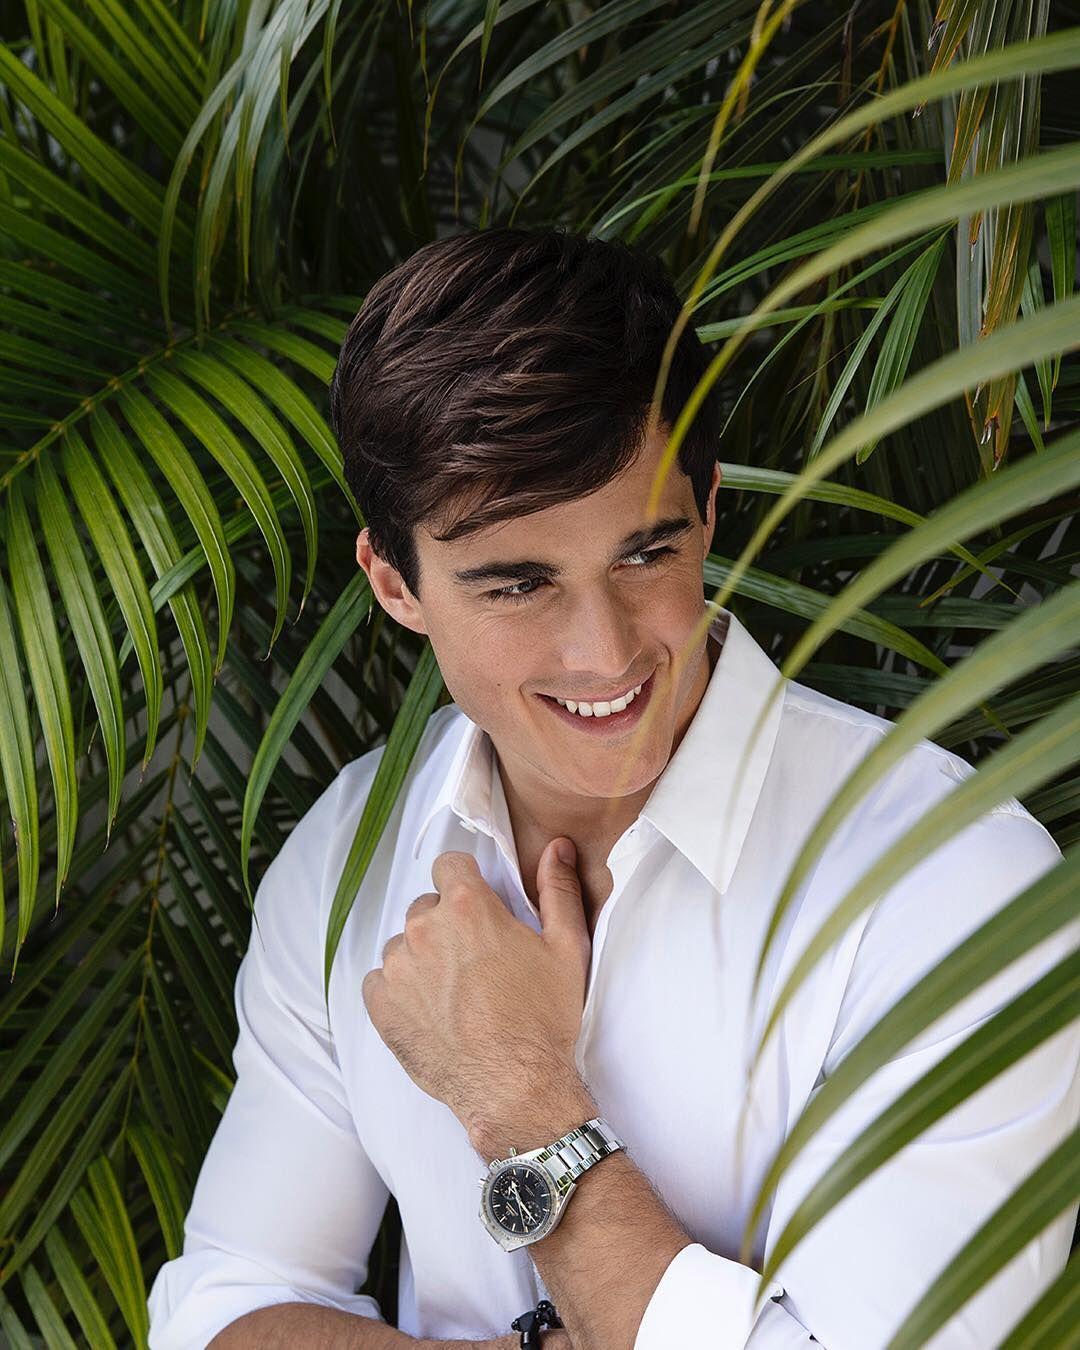 Omega Vis Ta Vie Comme Un Reve Millionnaire Lifestyle Entrepreneur Montres Montre De Luxes Clique Sur Le Lien Male Portrait Photoshoot Poses Male Models